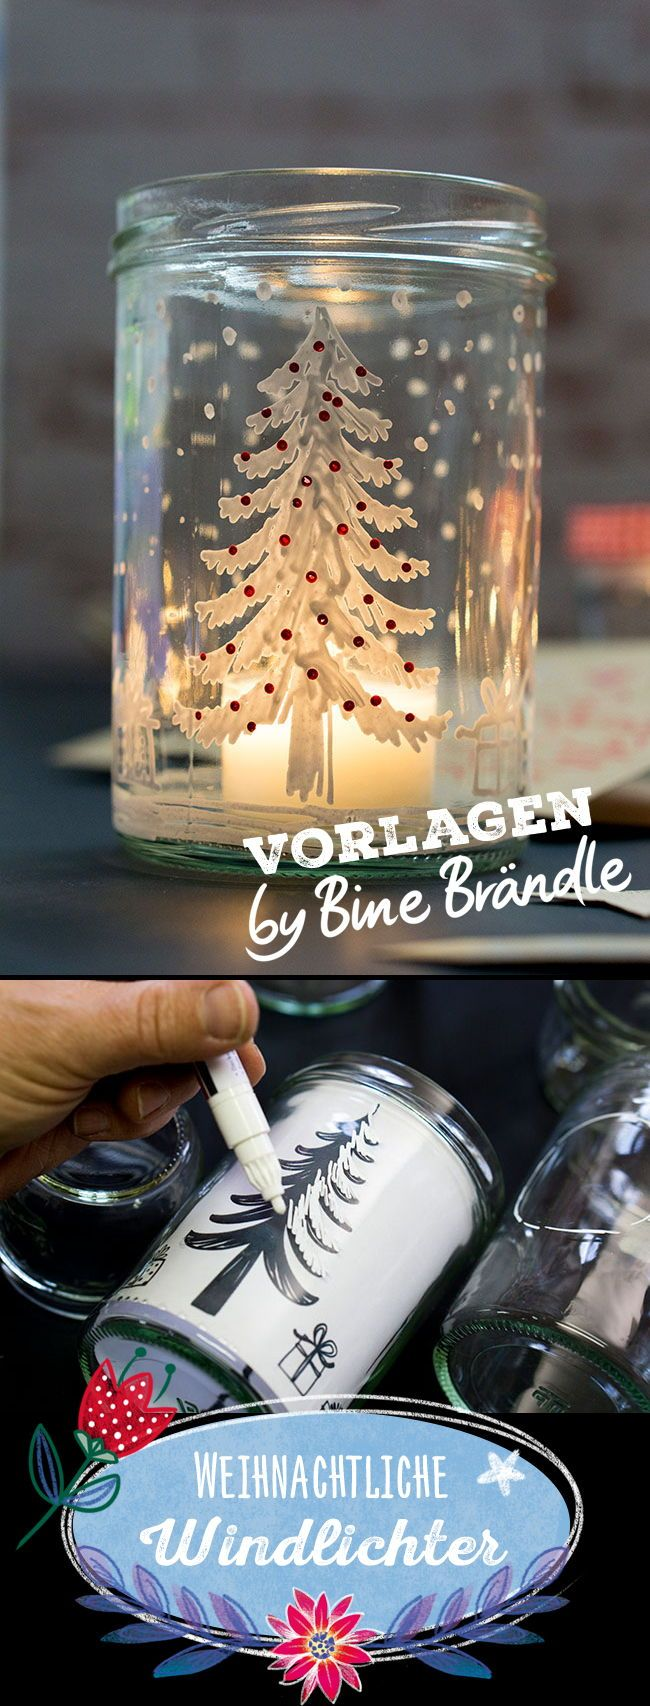 Bine Brändle - Meine bunte Welt - kreativ, bunt und verspielt - Bine Brändle